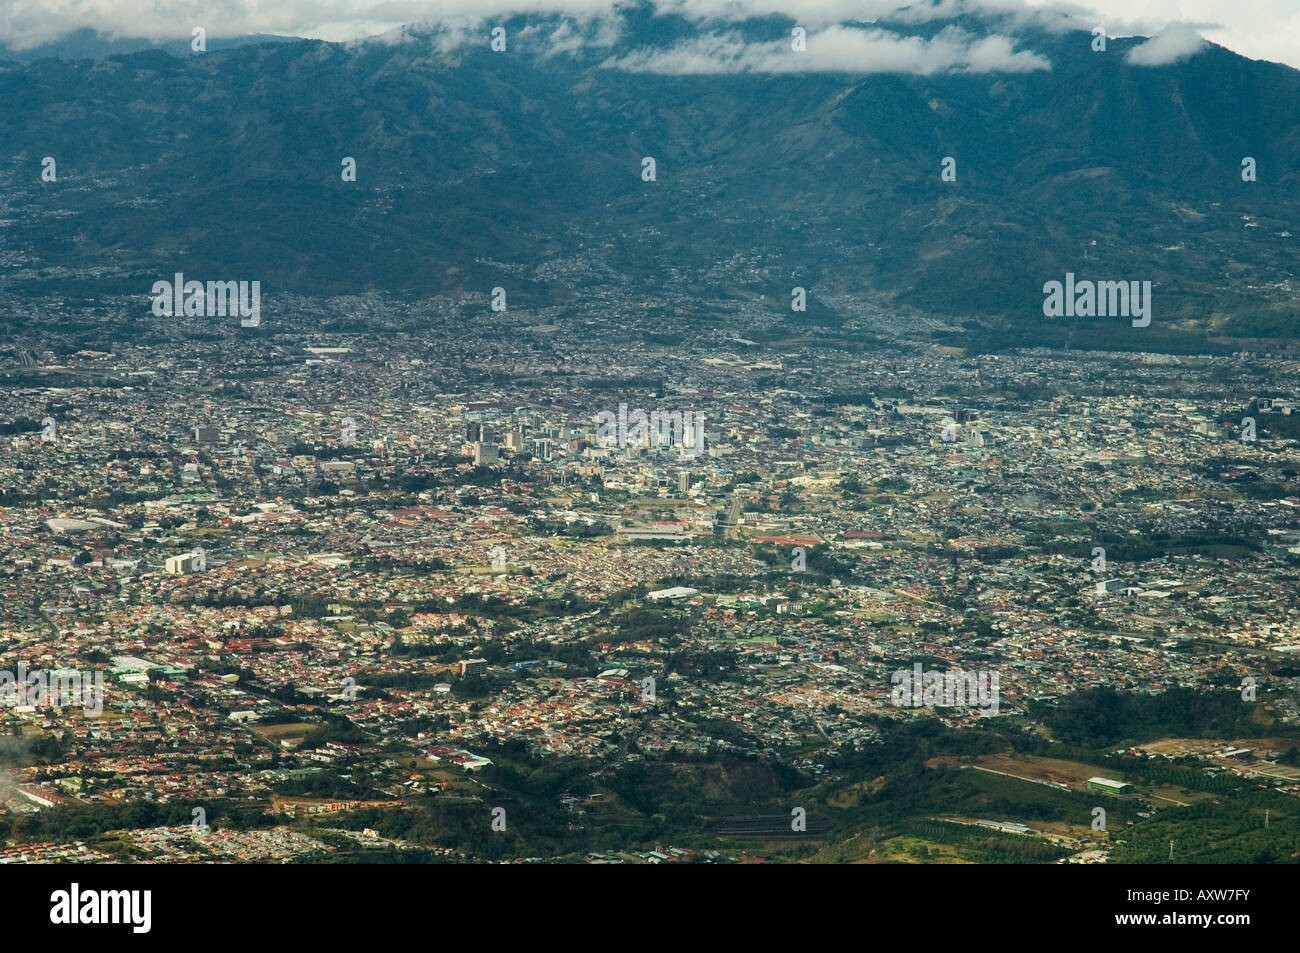 Avvicinando San Jose dall'aria, Costa Rica Immagini Stock